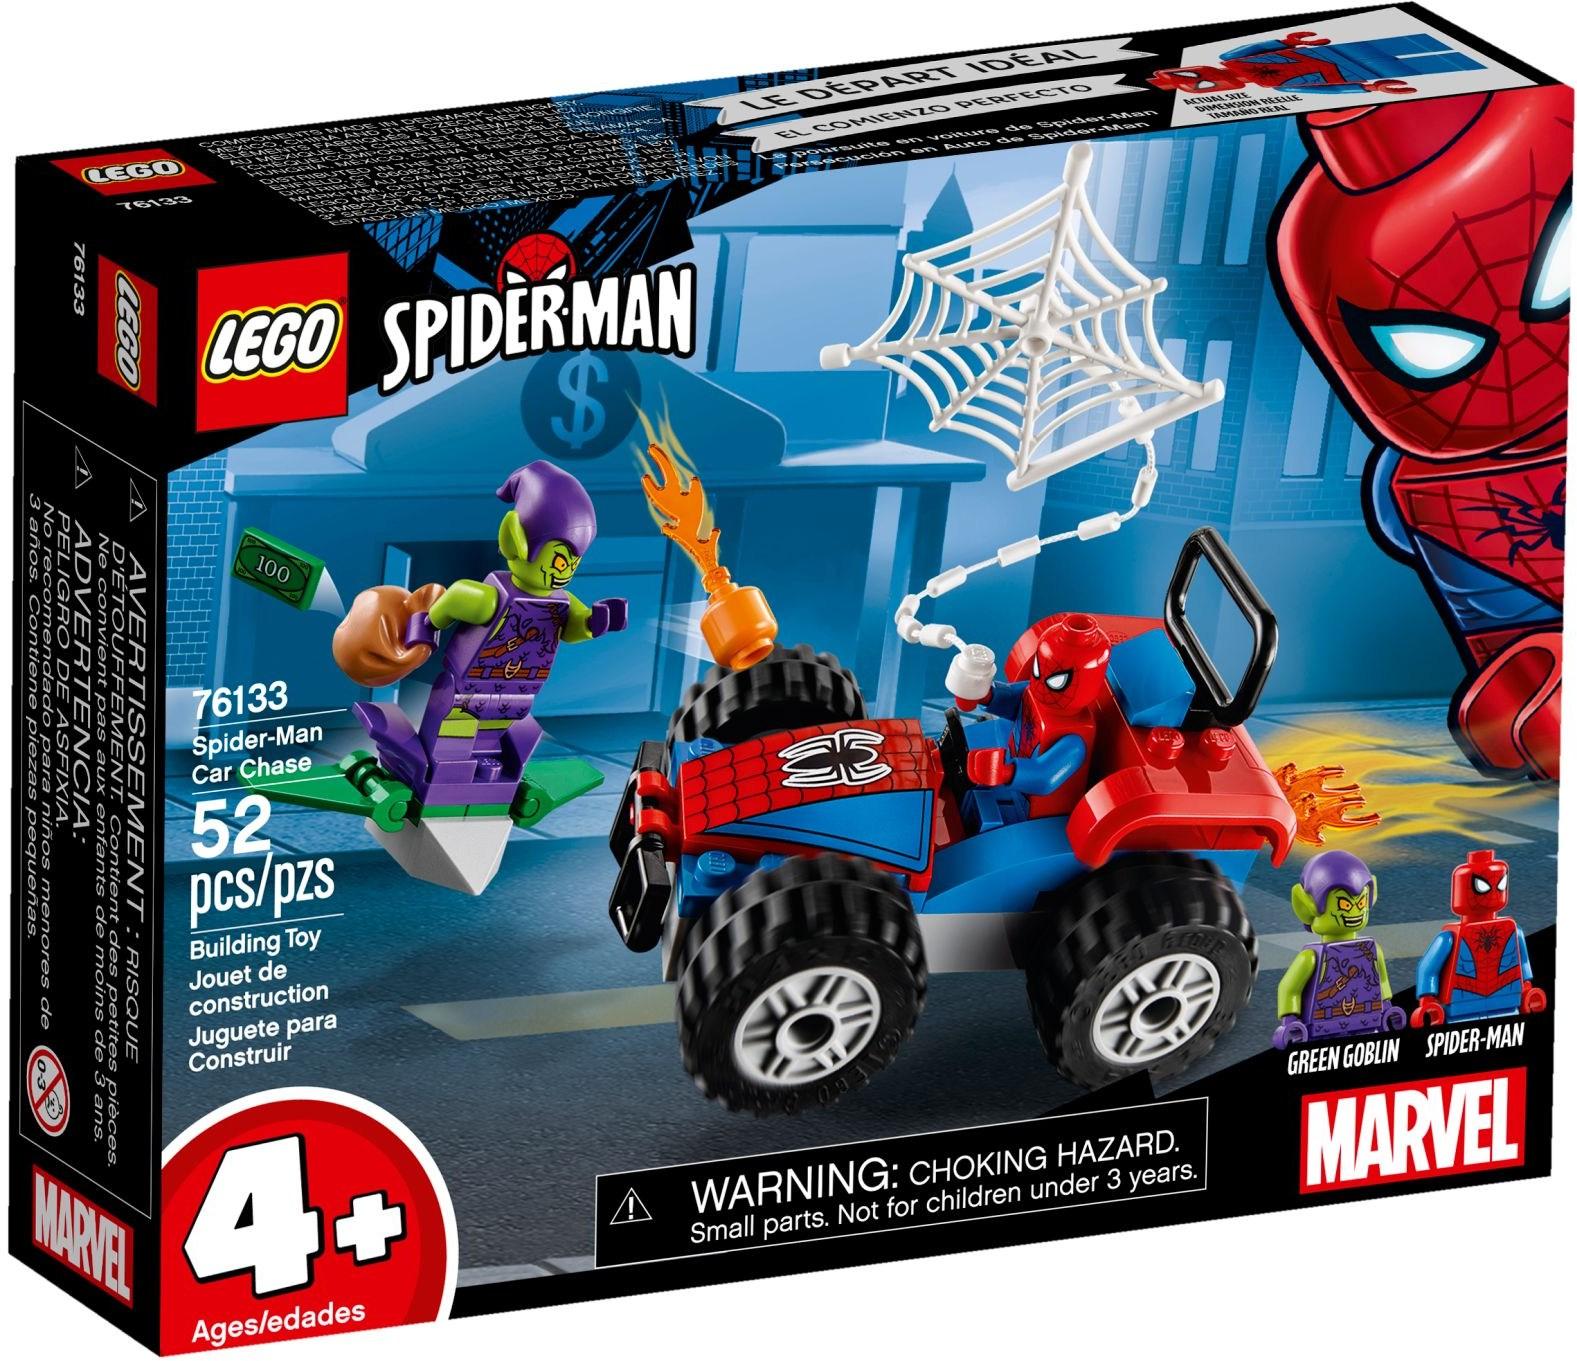 LEGO SPIDERMAN CAR CHASE - 76133